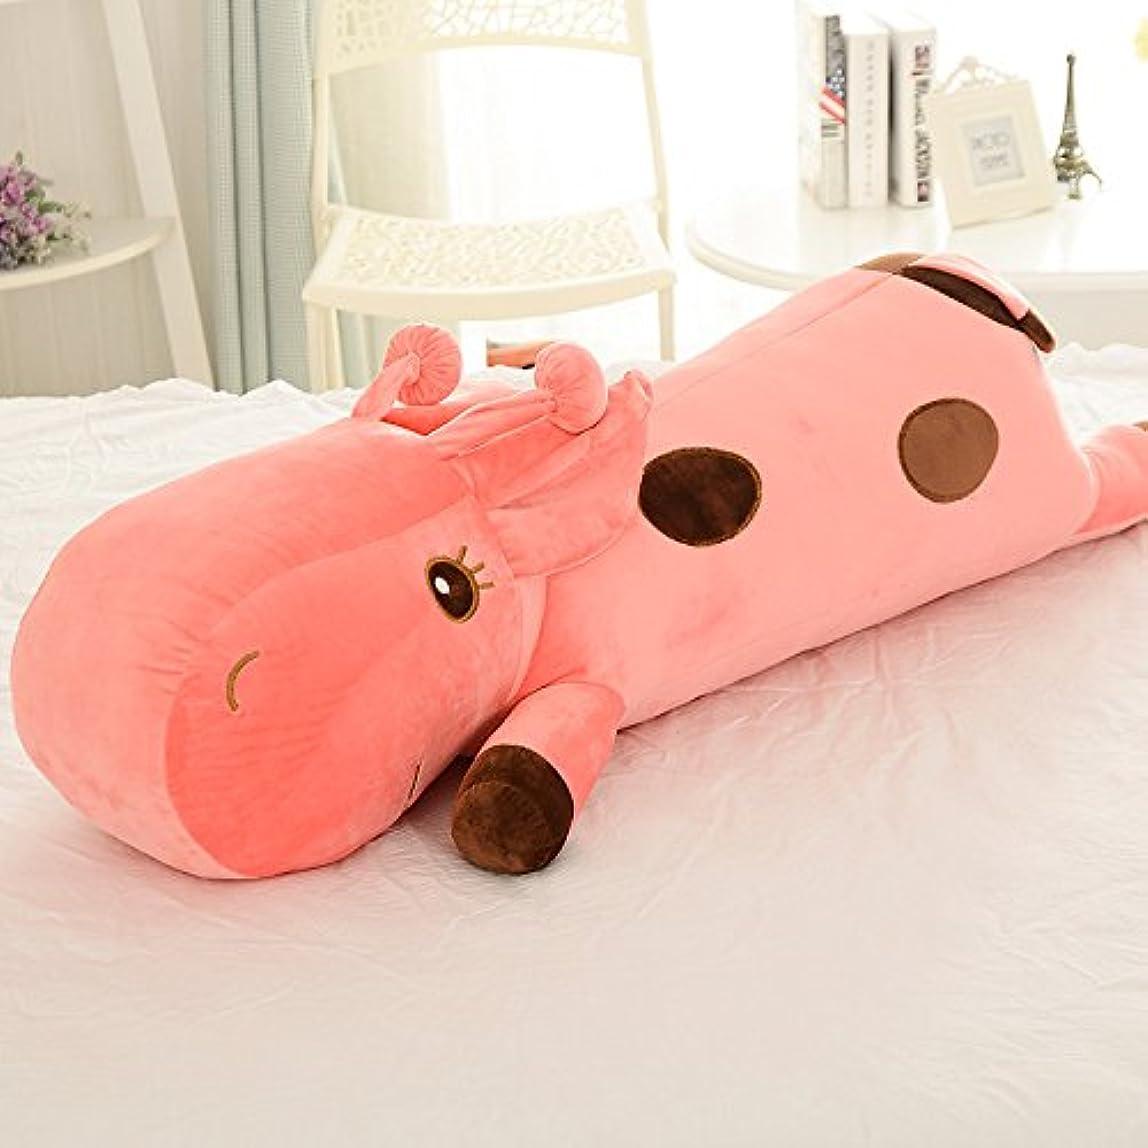 小数破壊衝突する(viviwo)抱き枕 ぬいぐるみ 可愛いキリン 大きい おもちゃ 女の子 母の日 子供 彼女 インテリア 女の子 店飾り (135cm, ピンク)